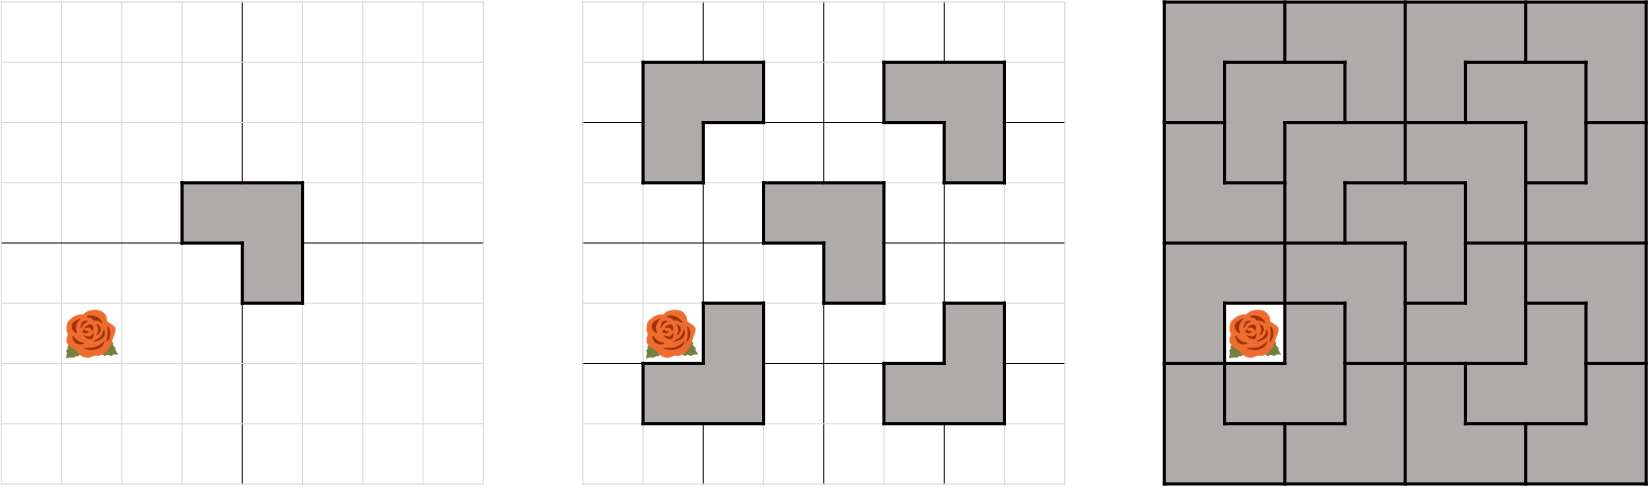 8 × 8 크기의 땅의 6번째 줄 2번째 칸에 꽃밭을 배치하는 경우